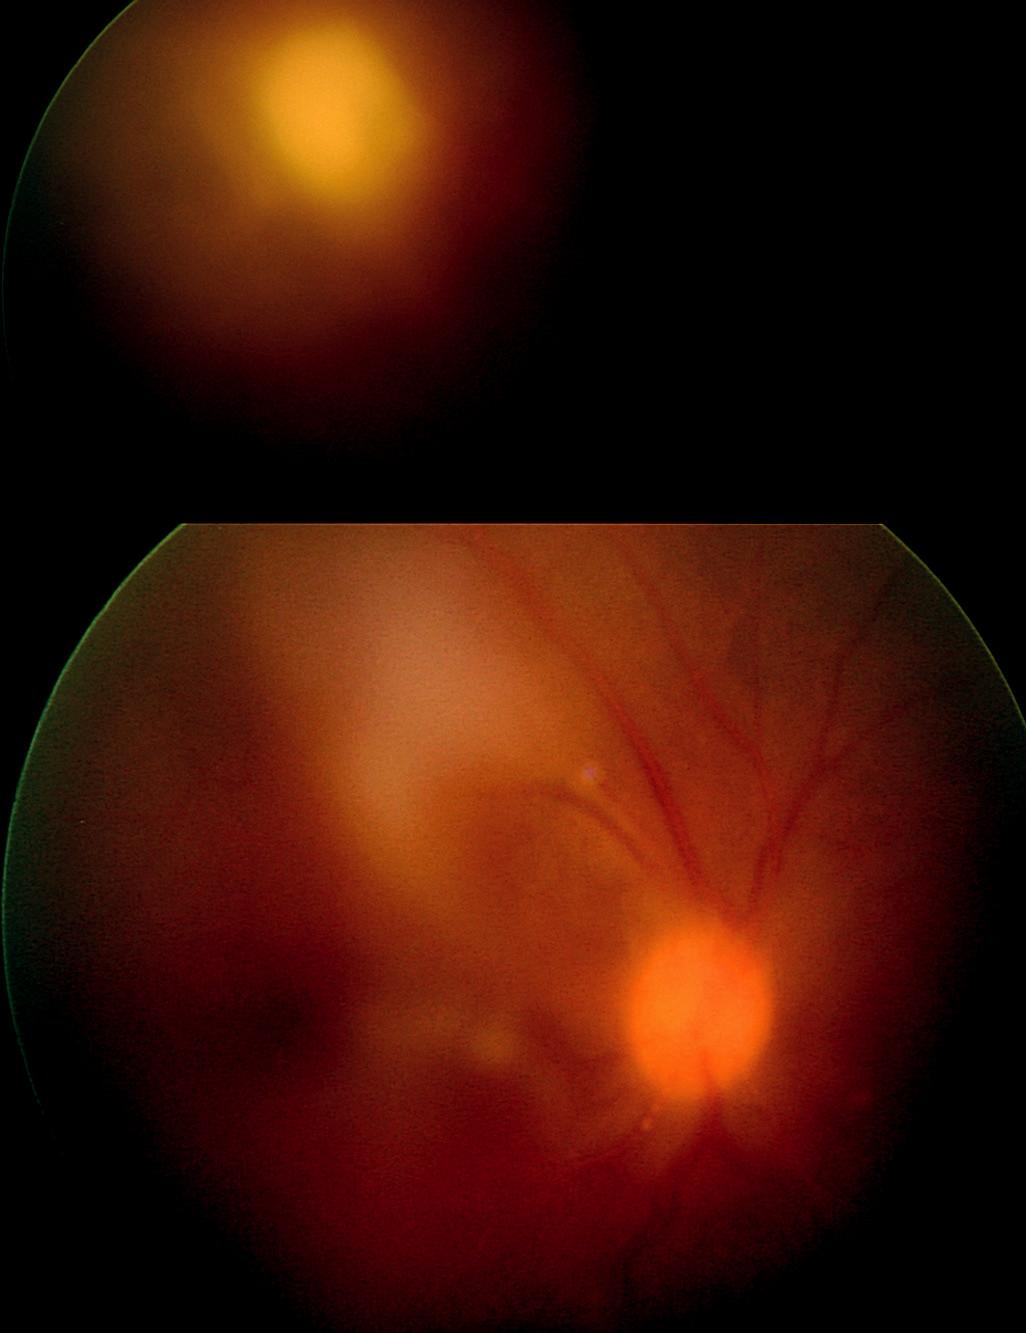 Obr. 11. Periferní fibroproliferace u srpkovité anémie imitující periferní granulom u 24letého pacienta afroamerického původu. a) Na očním pozadí pravého oka je patrné zkalení sklivce, výrazně vinuté temporální arkády a žlutobělavé ložisko v temporálním horním kvadrantu.